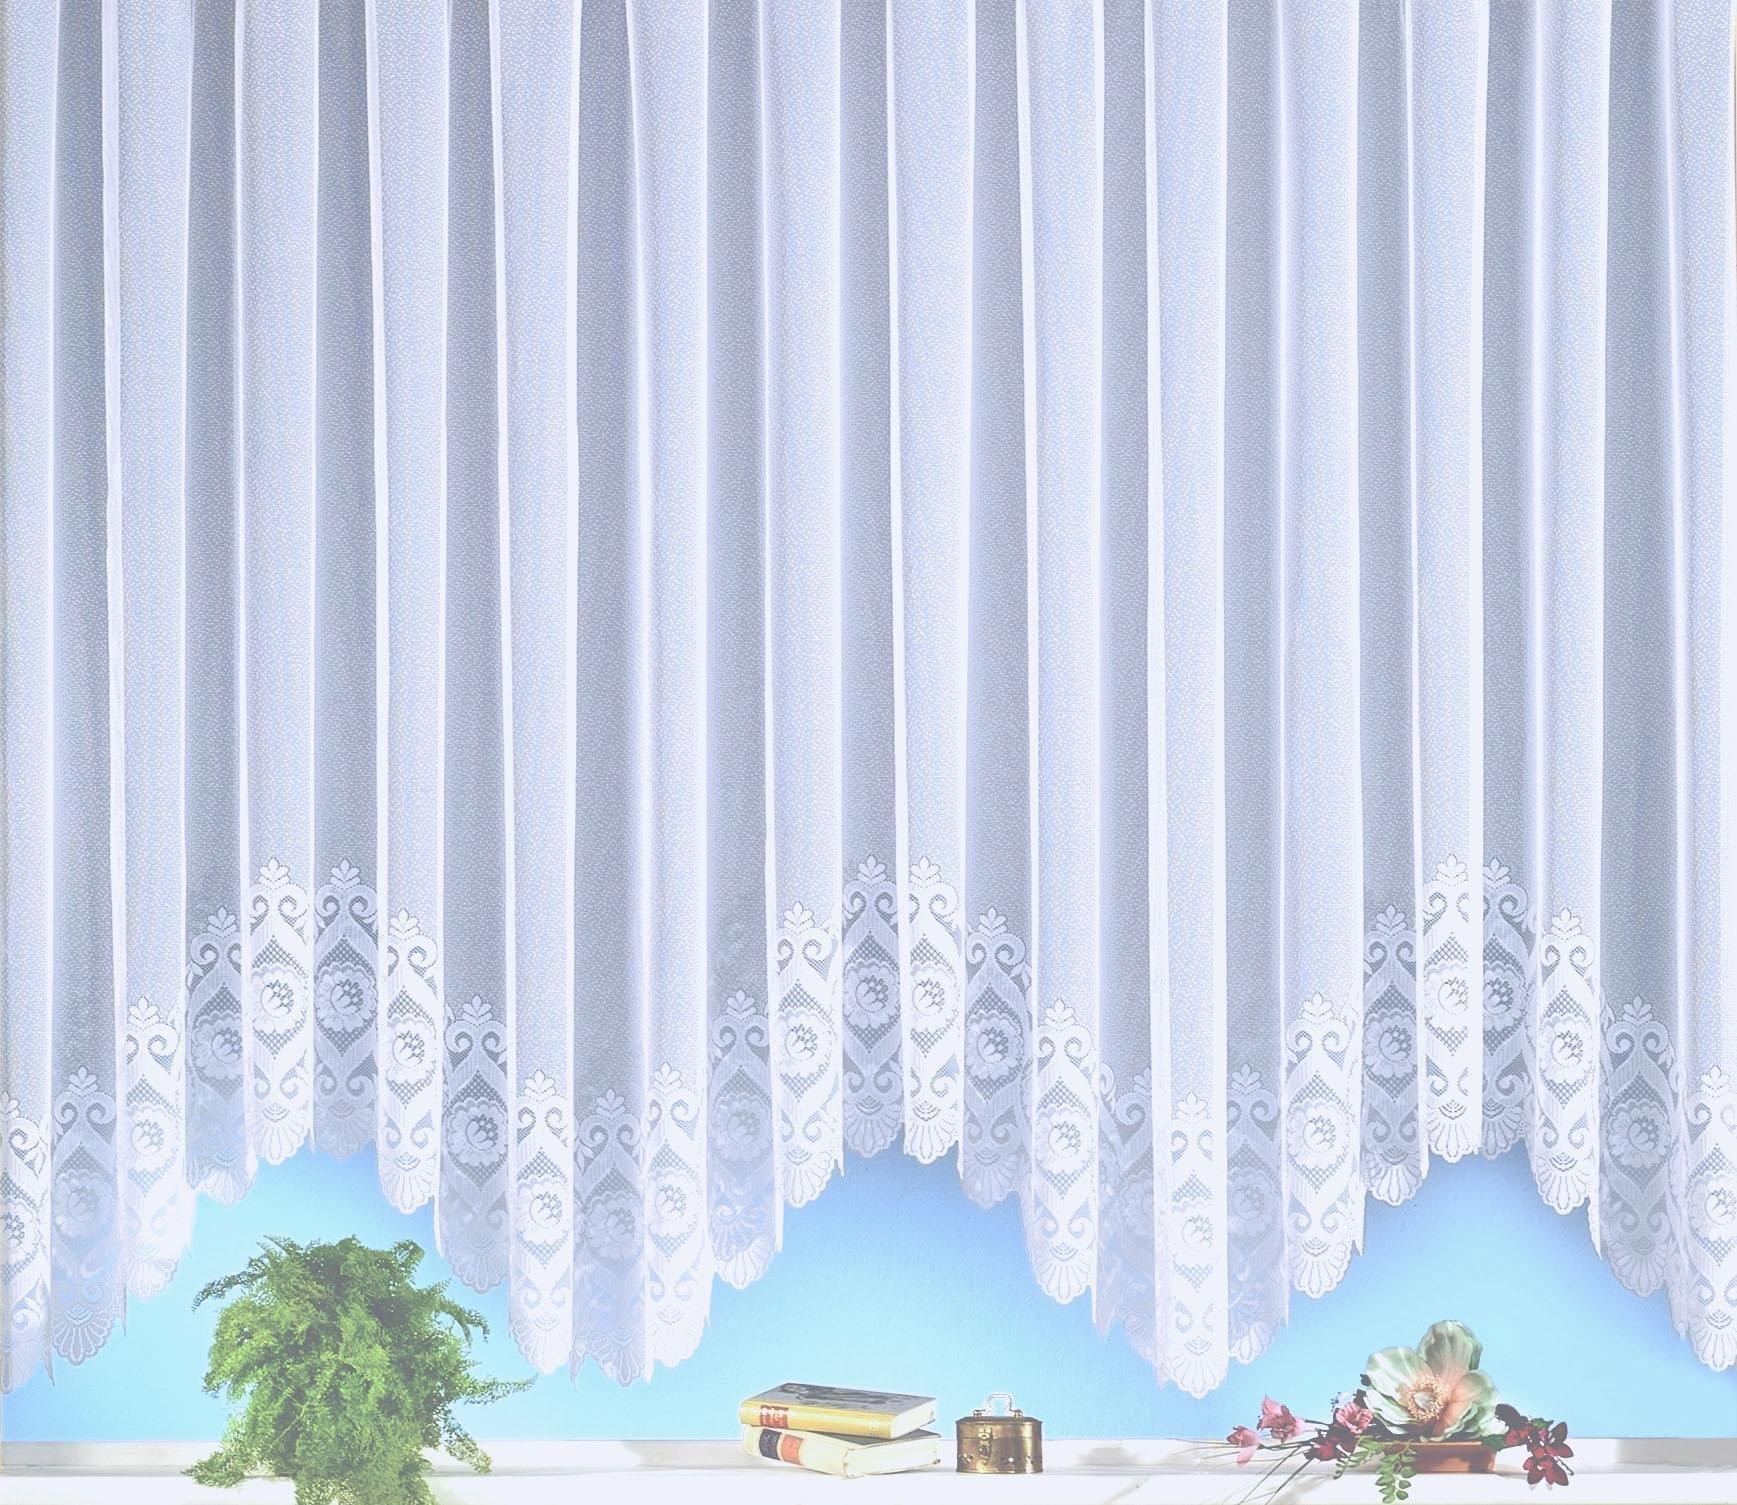 Full Size of Gardine Gardinen Küche Scheibengardinen Für Schlafzimmer Fenster Bogenlampe Esstisch Wohnzimmer Die Wohnzimmer Bogen Gardinen